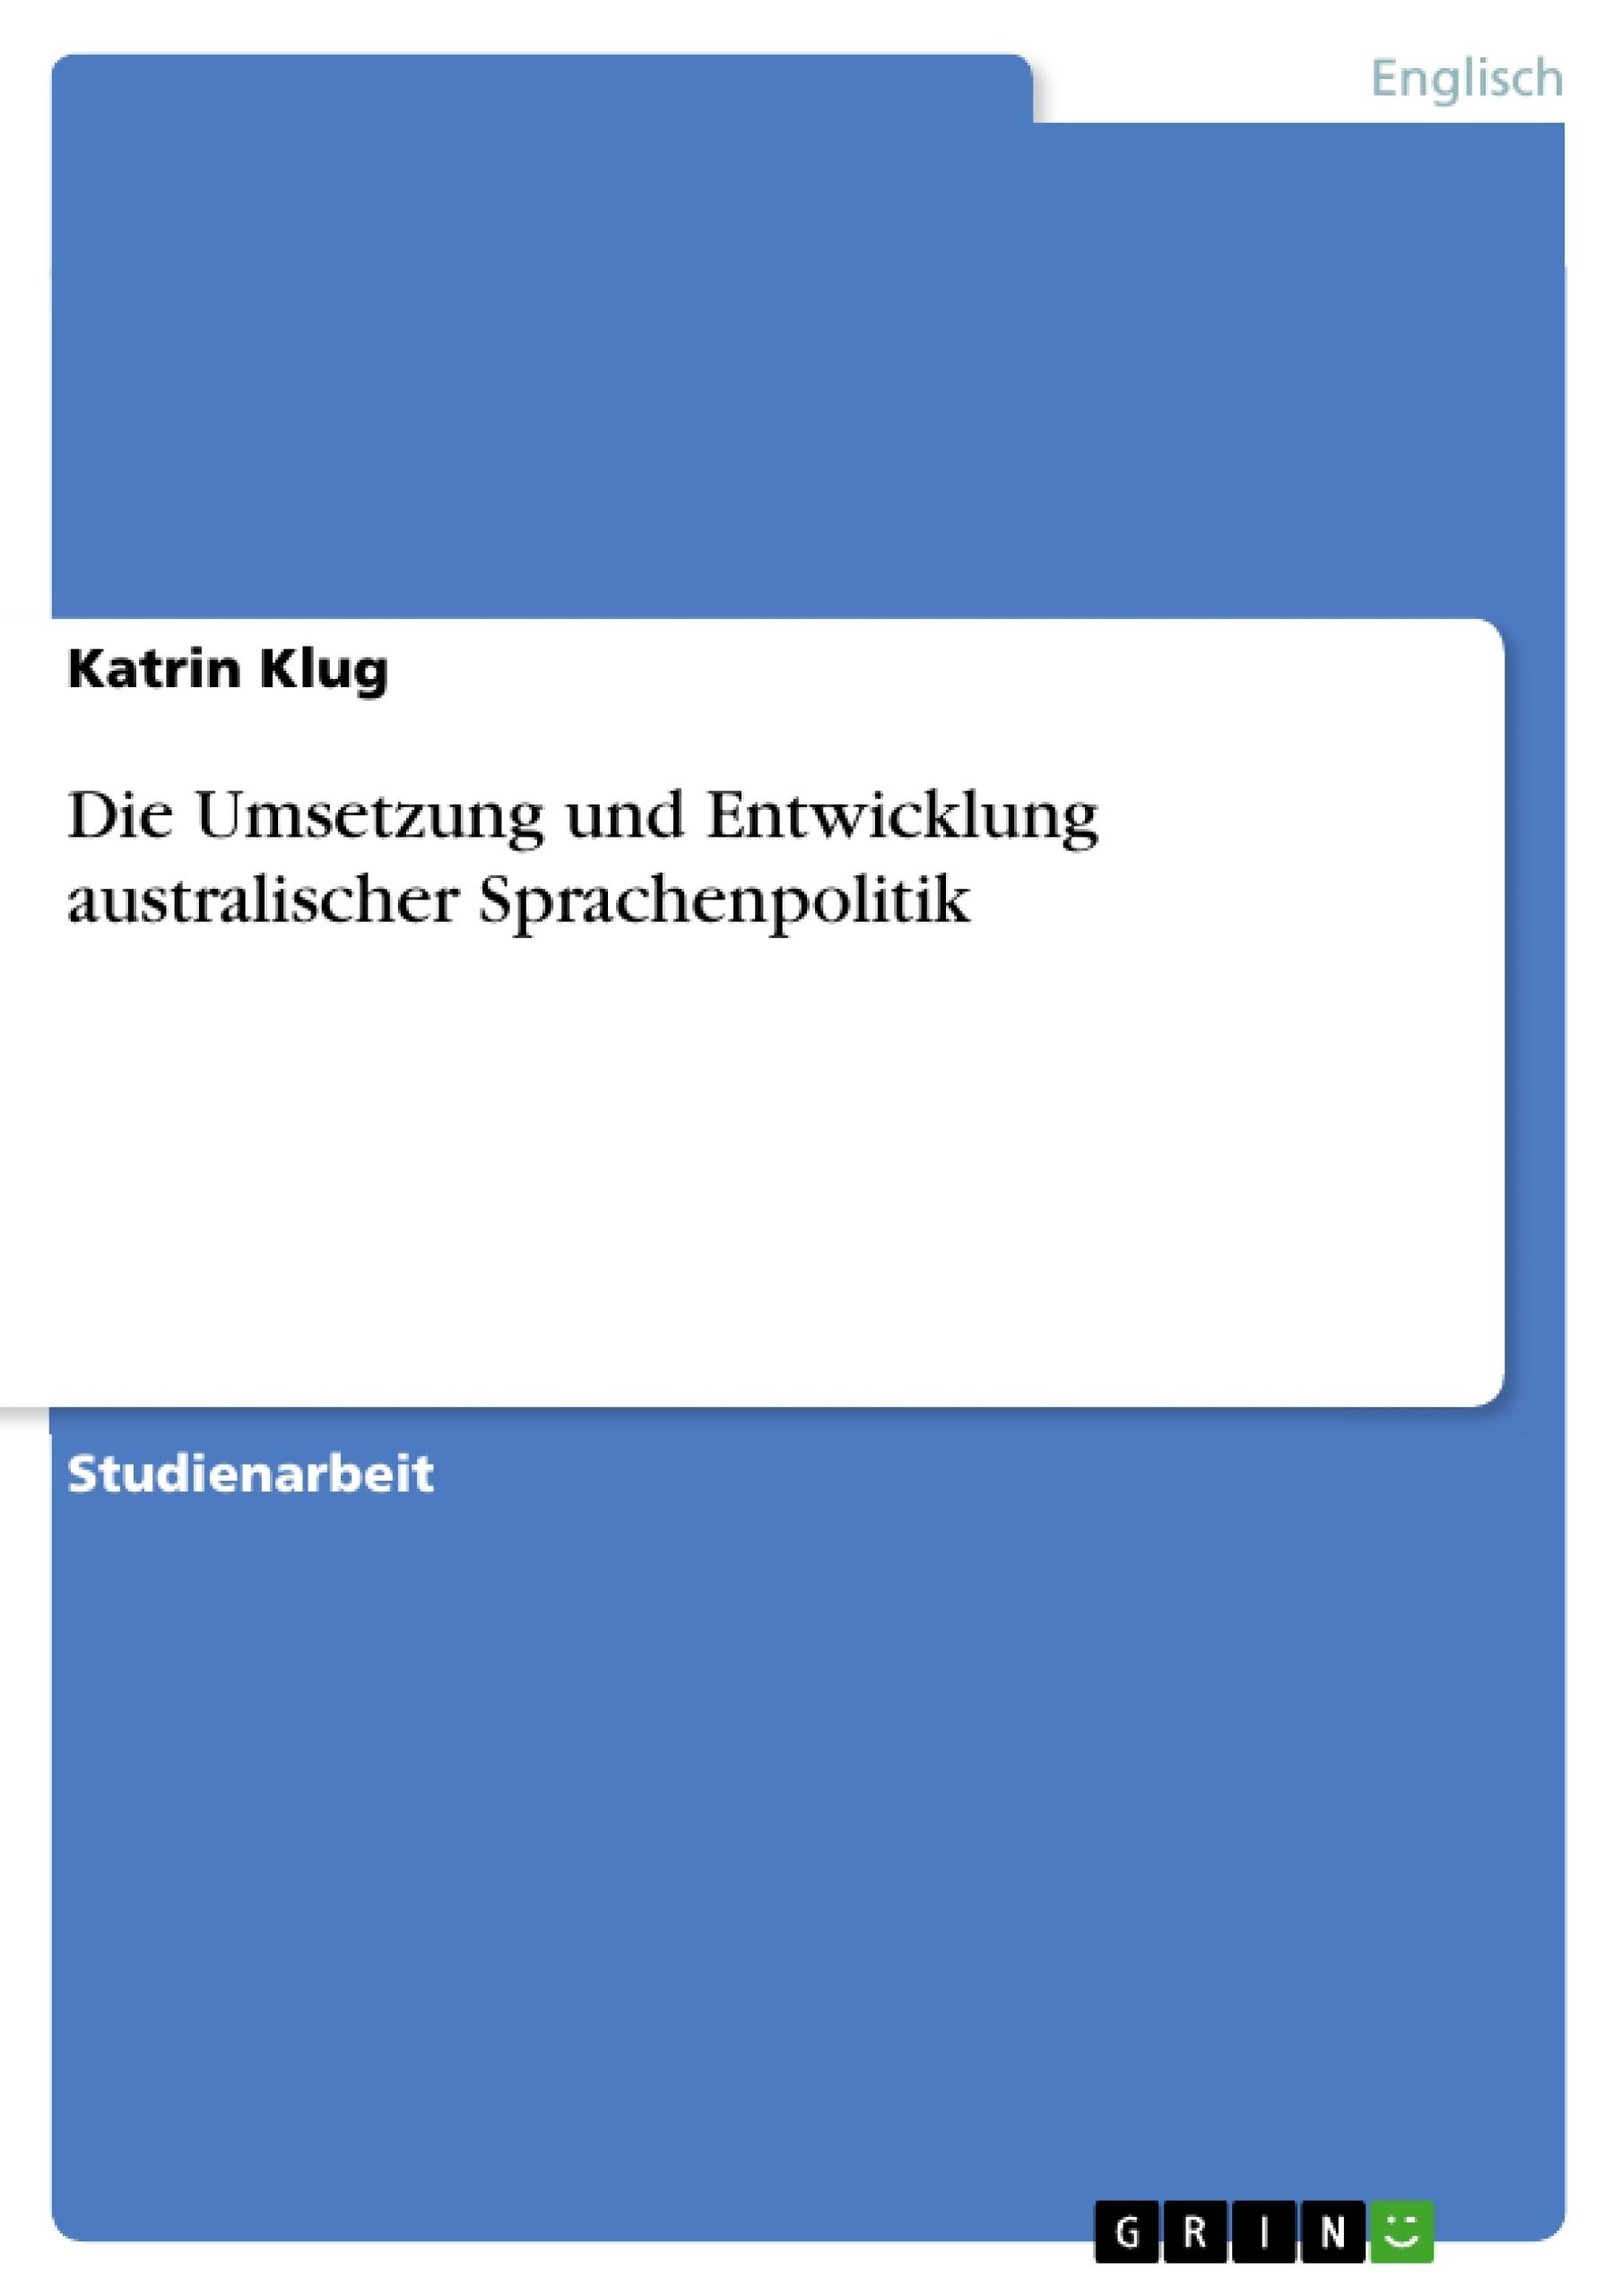 Titel: Die Umsetzung und Entwicklung australischer Sprachenpolitik